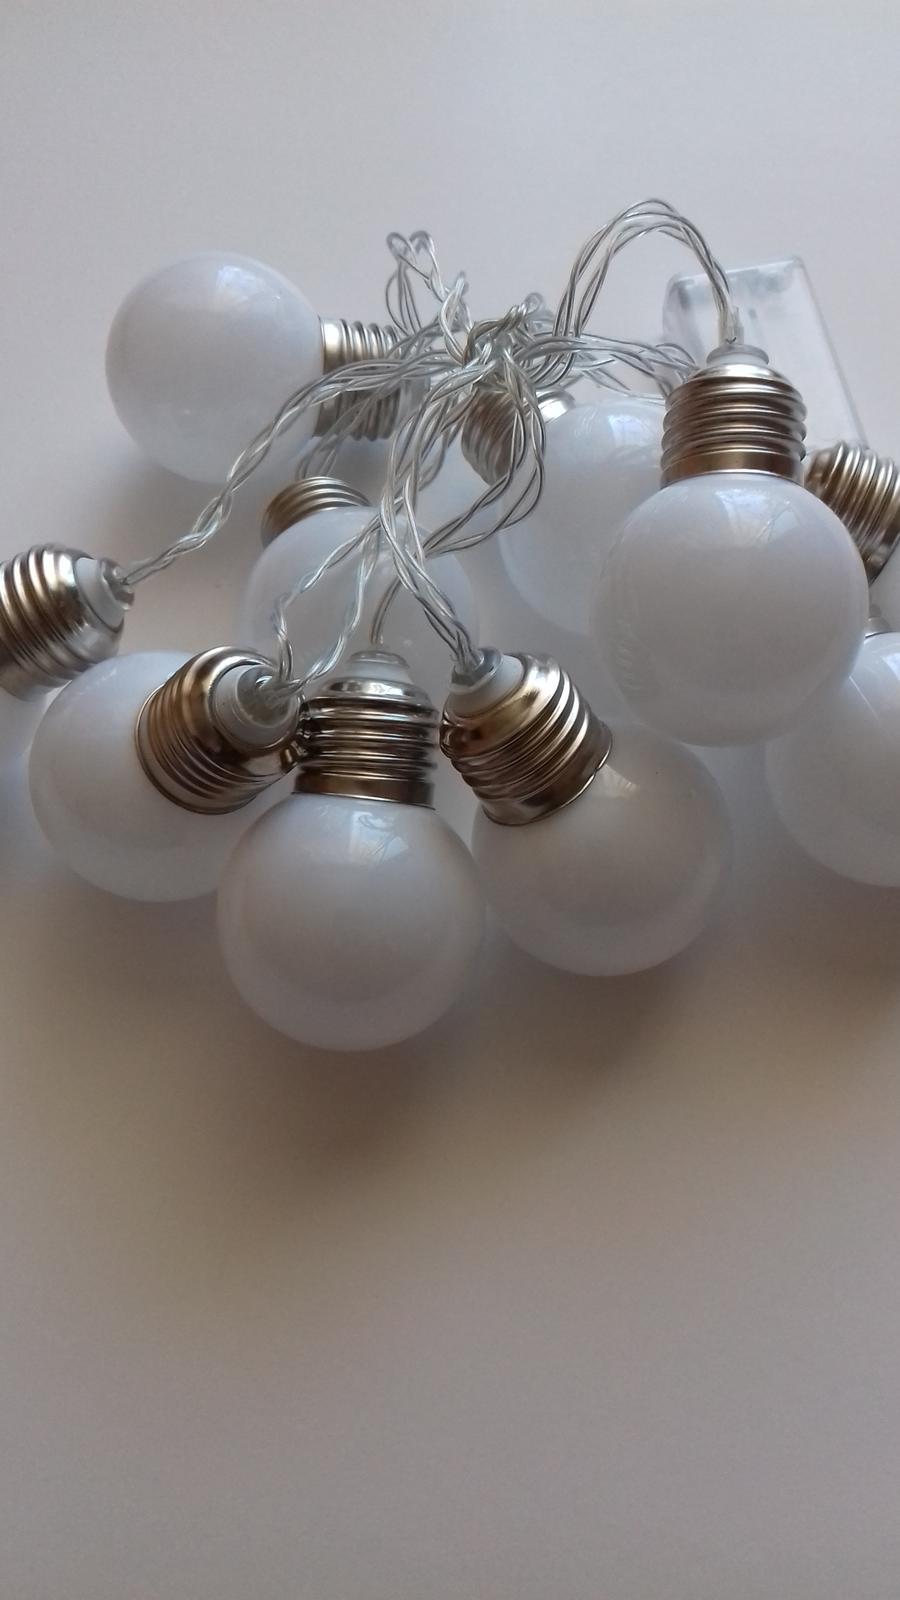 světelný řetěz-žárovky - Obrázek č. 3